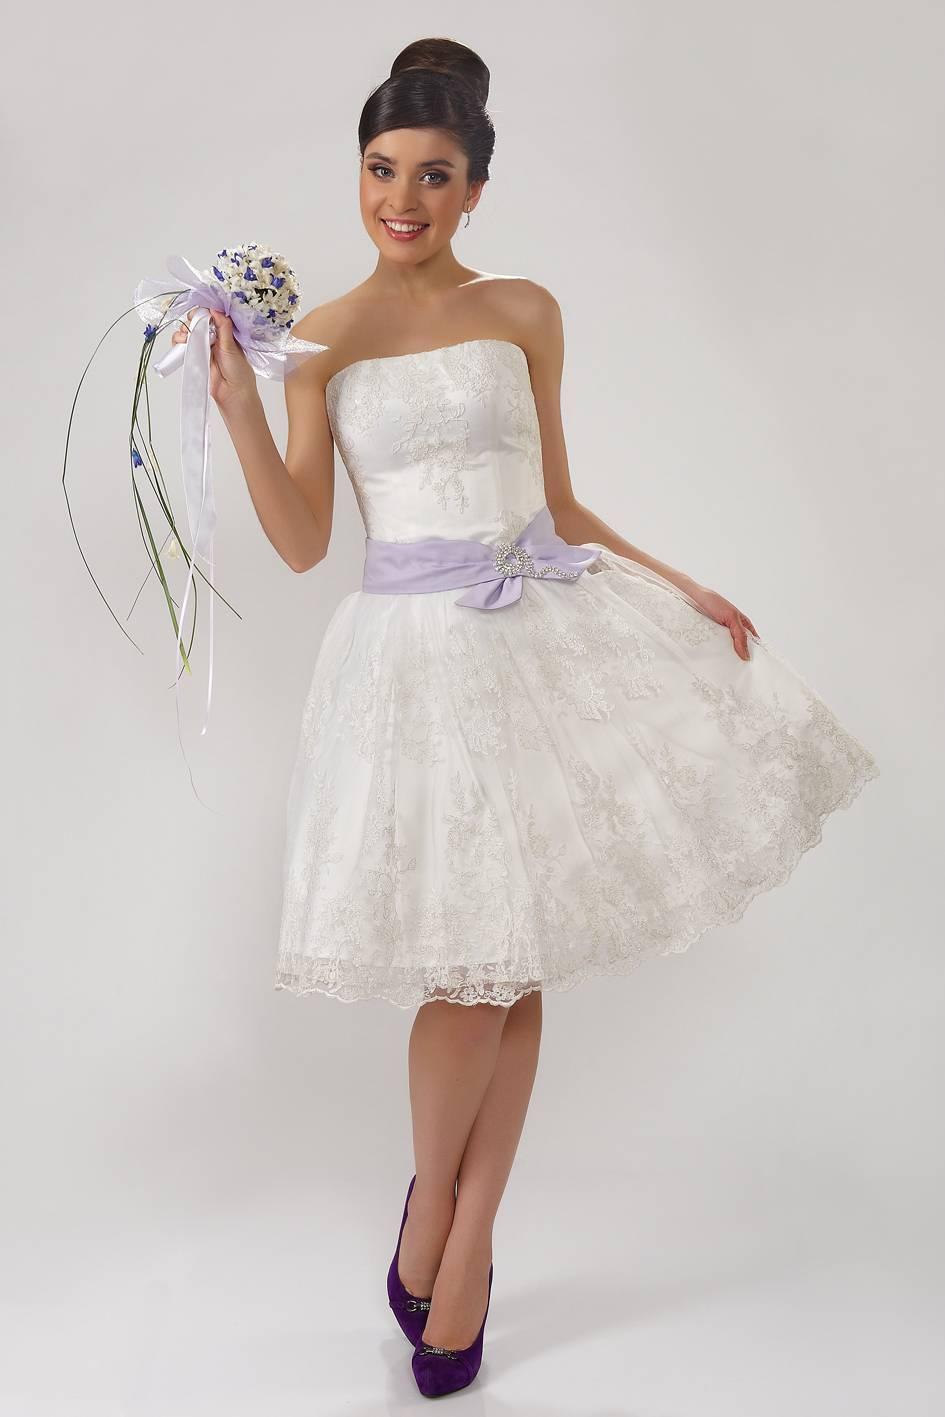 806087c7e81 Невеста в кружевном свадебном платье с ярким букетом. Легкое короткое  свадебное платье